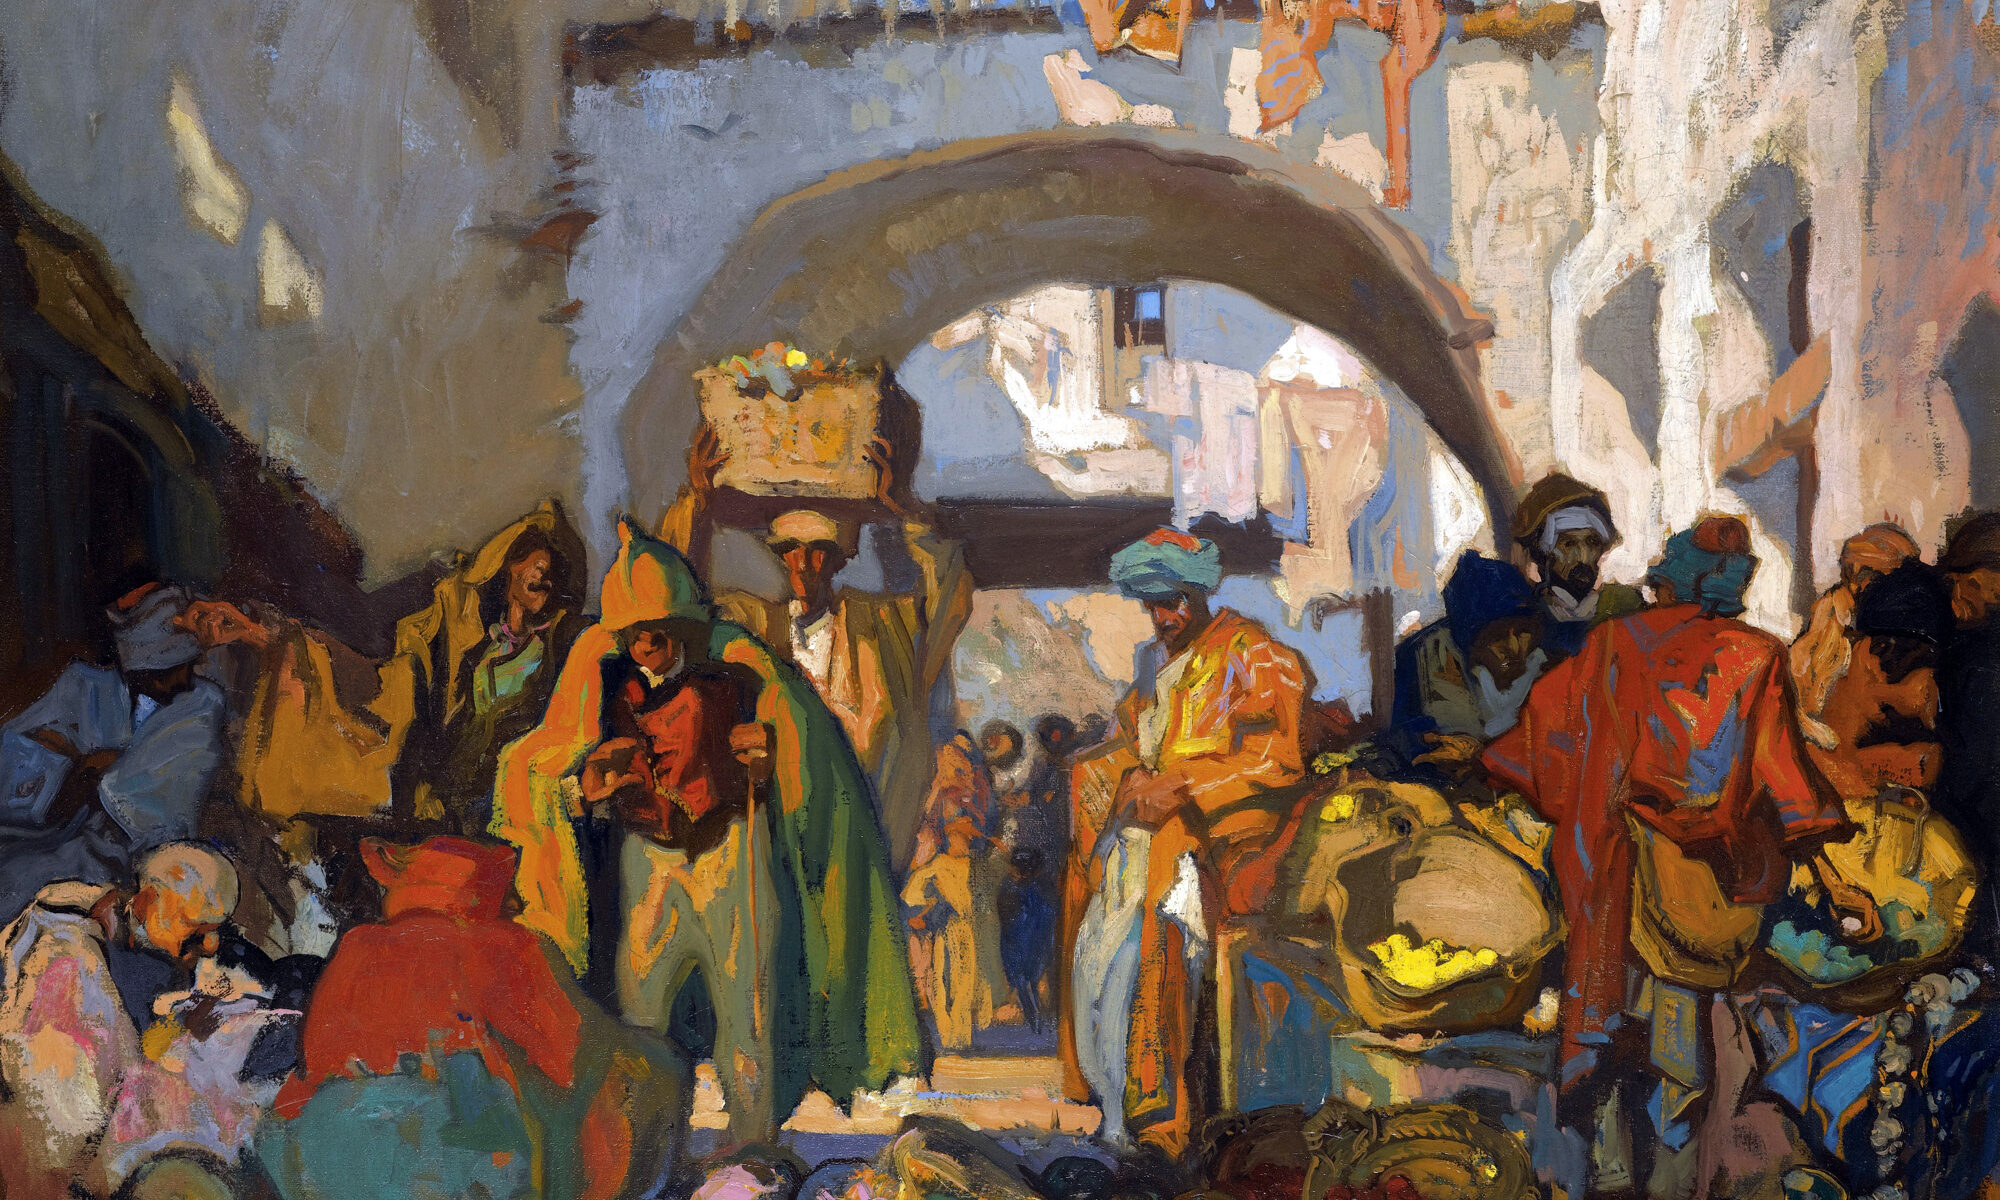 Street Market, Tangiers, by Frank Brangwyn